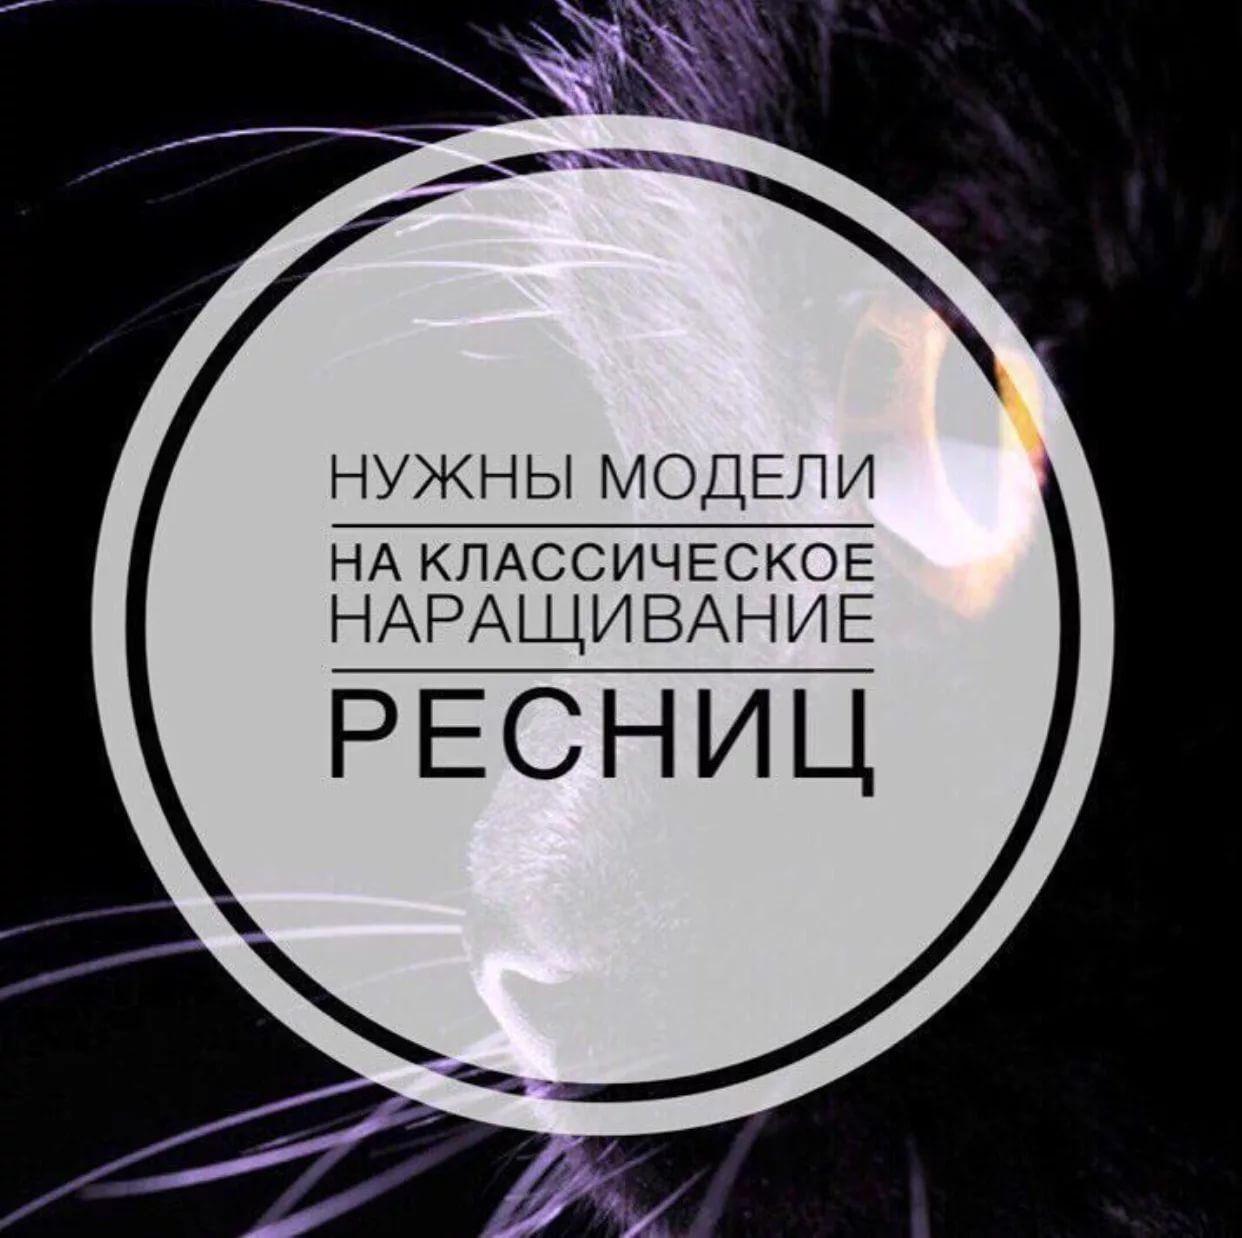 Работа для моделей для наращивания работа в украине для девушек